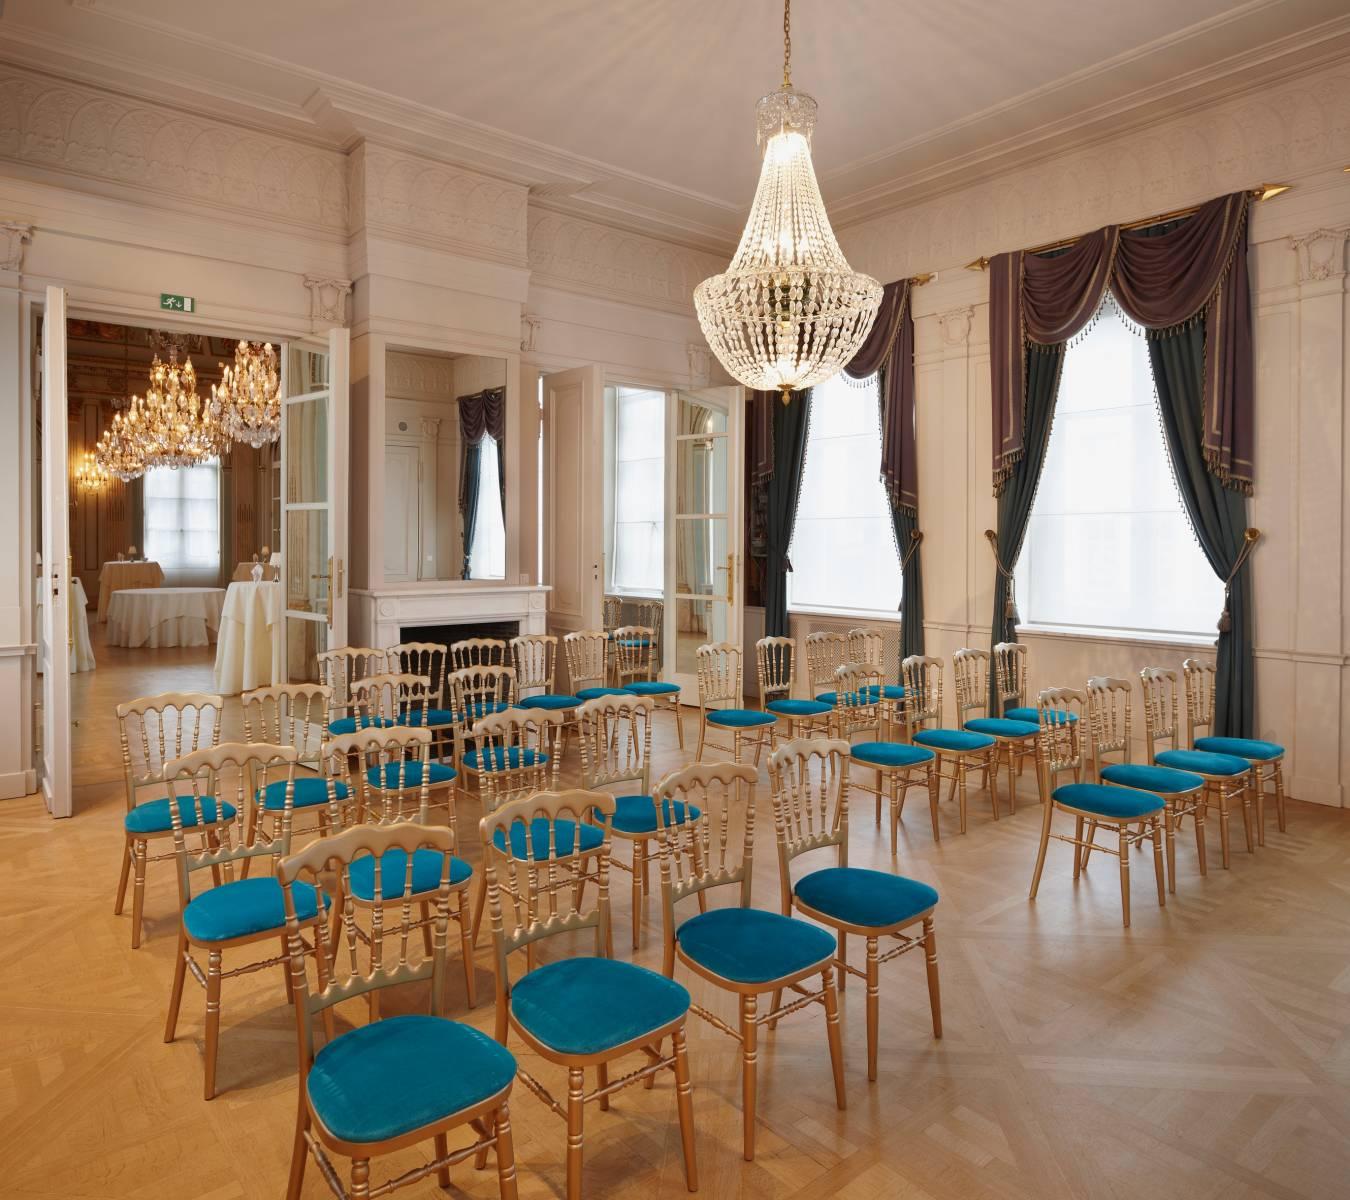 De Spiegelzaal - Feestzaal op de Meir - Antwerpen - House of Weddings - 25